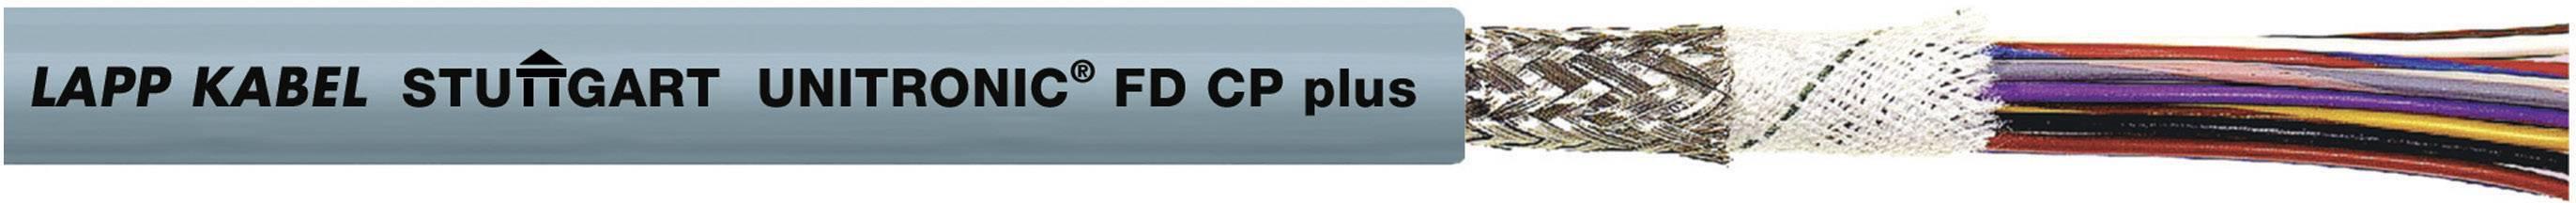 Datový kabel LappKabel UNITRONIC FD CP PLUS 18X0,14 (0028887), 18x 0,14 mm², Ø 7,4 mm, stíněný, 100 m, šedá